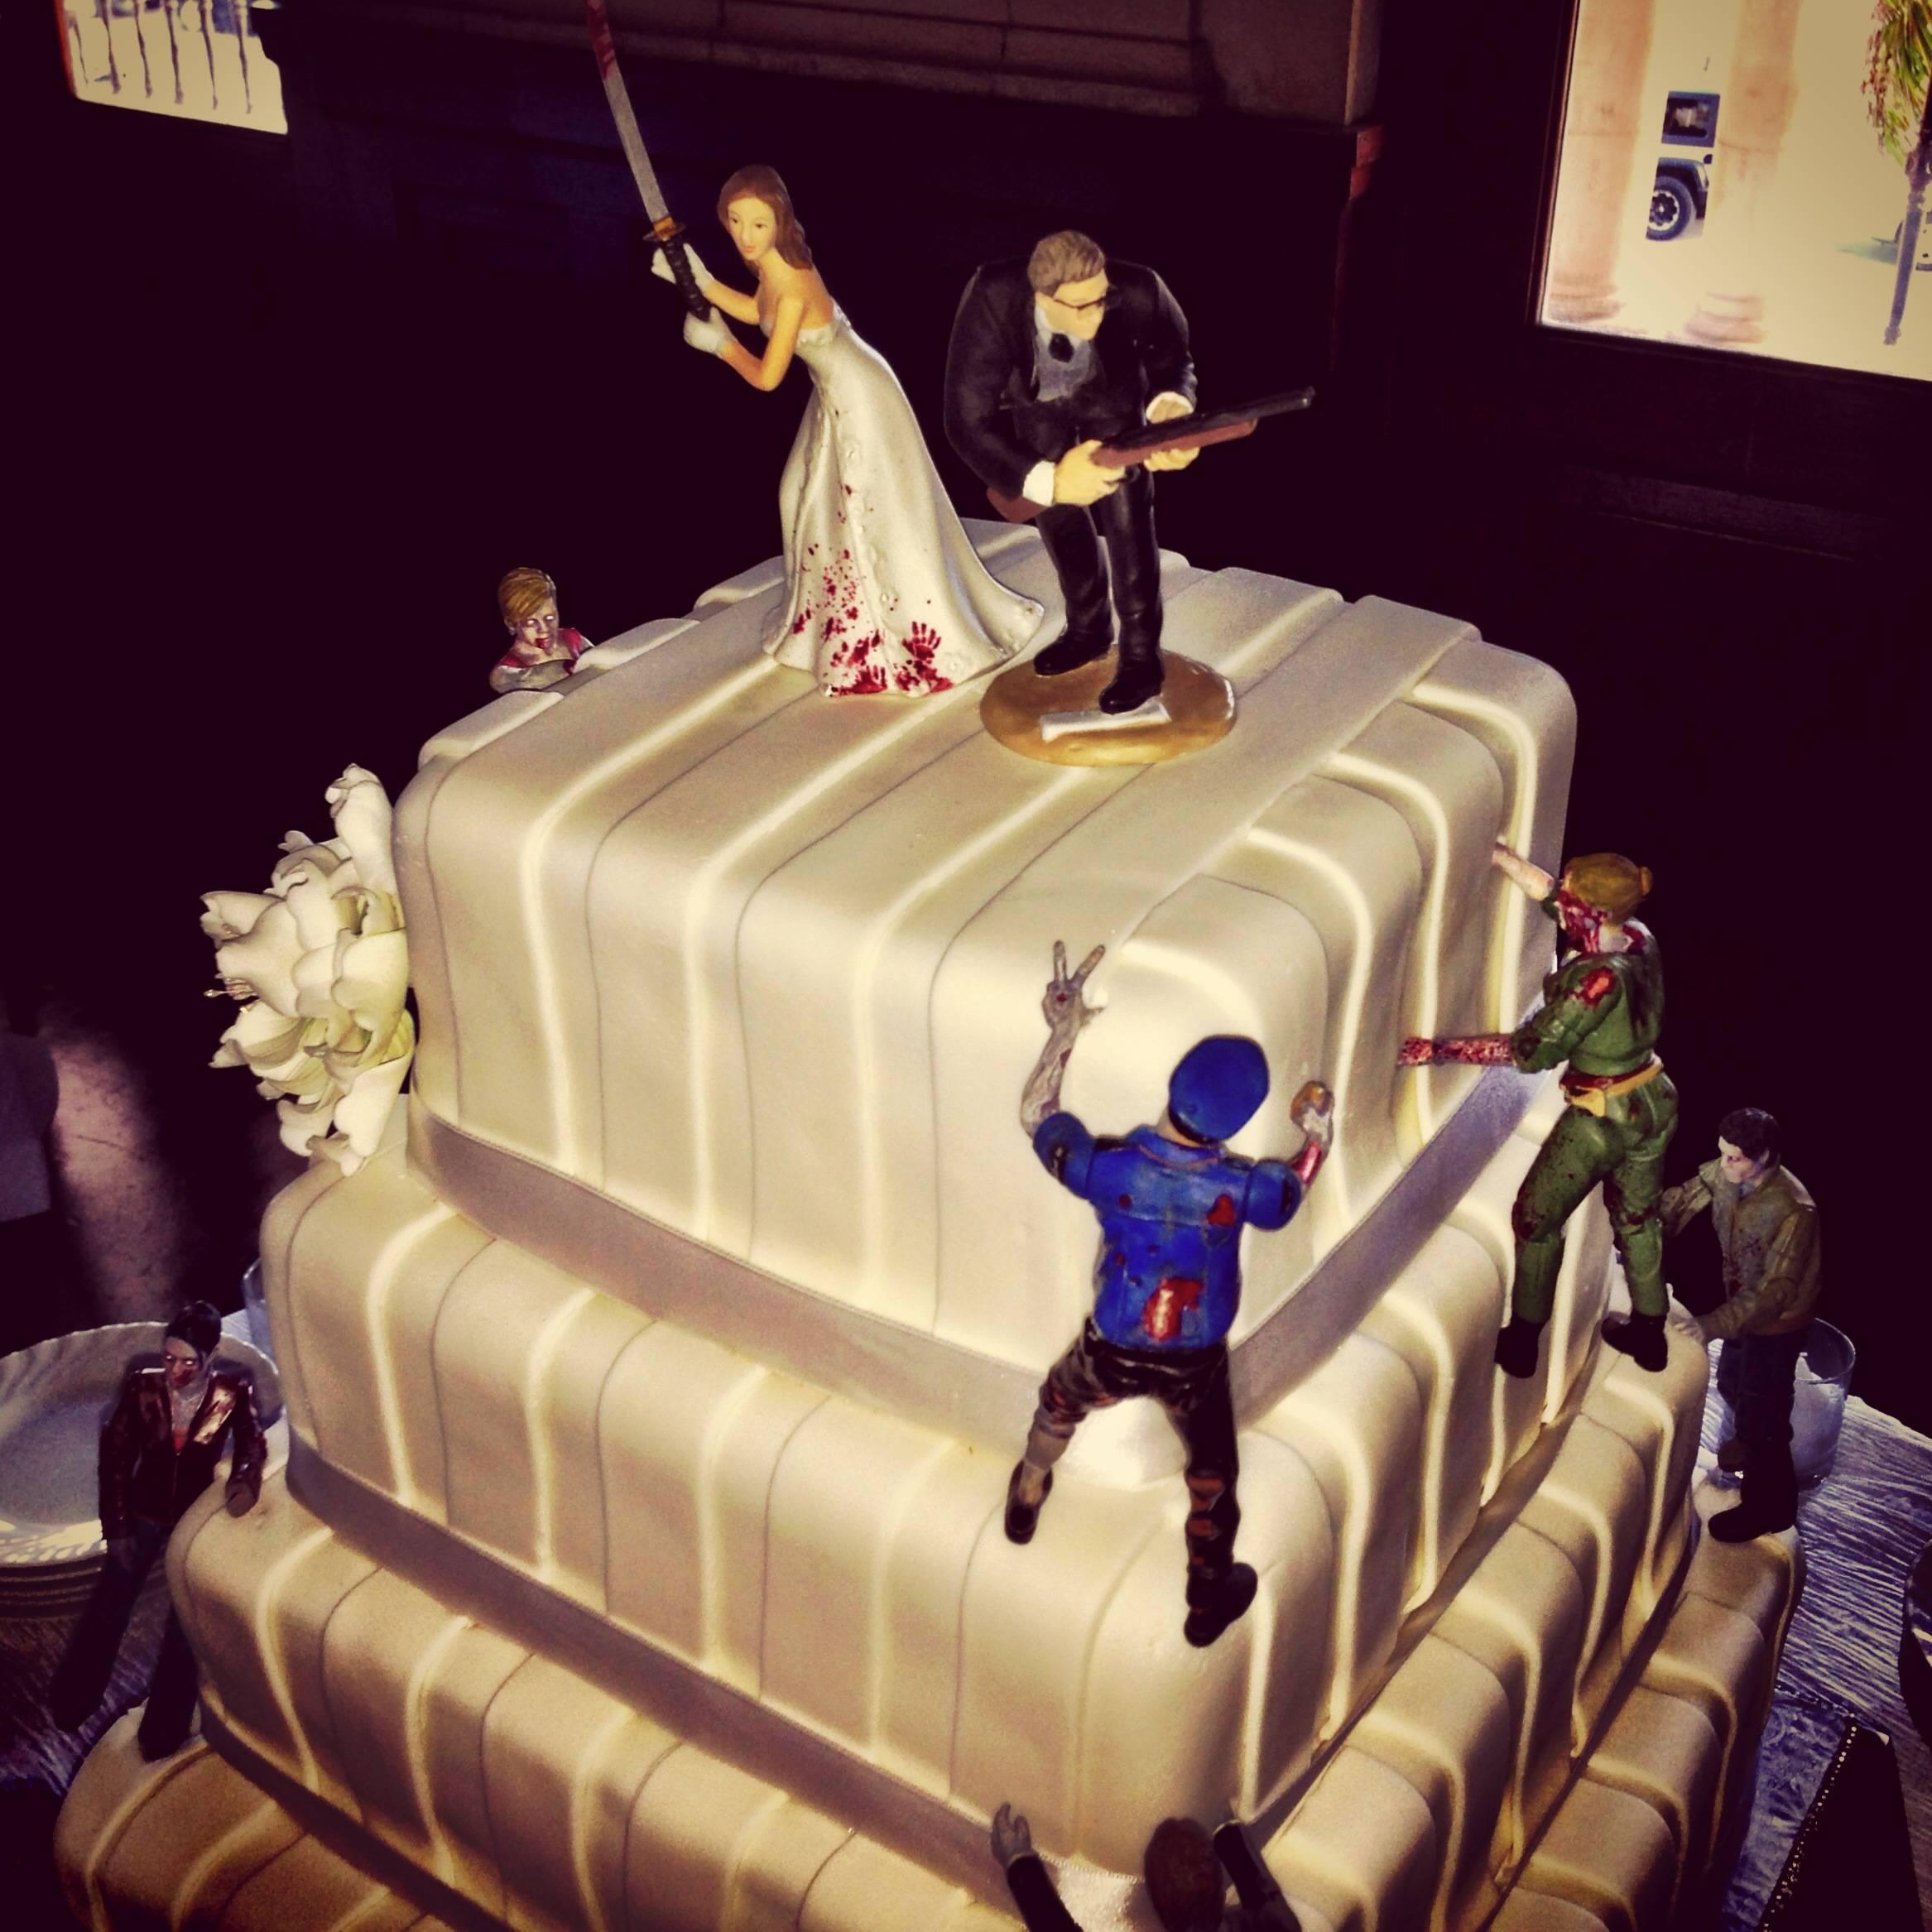 изготавливают инструметальной креативный торт на день рождения фото имеет потрясающий вкус